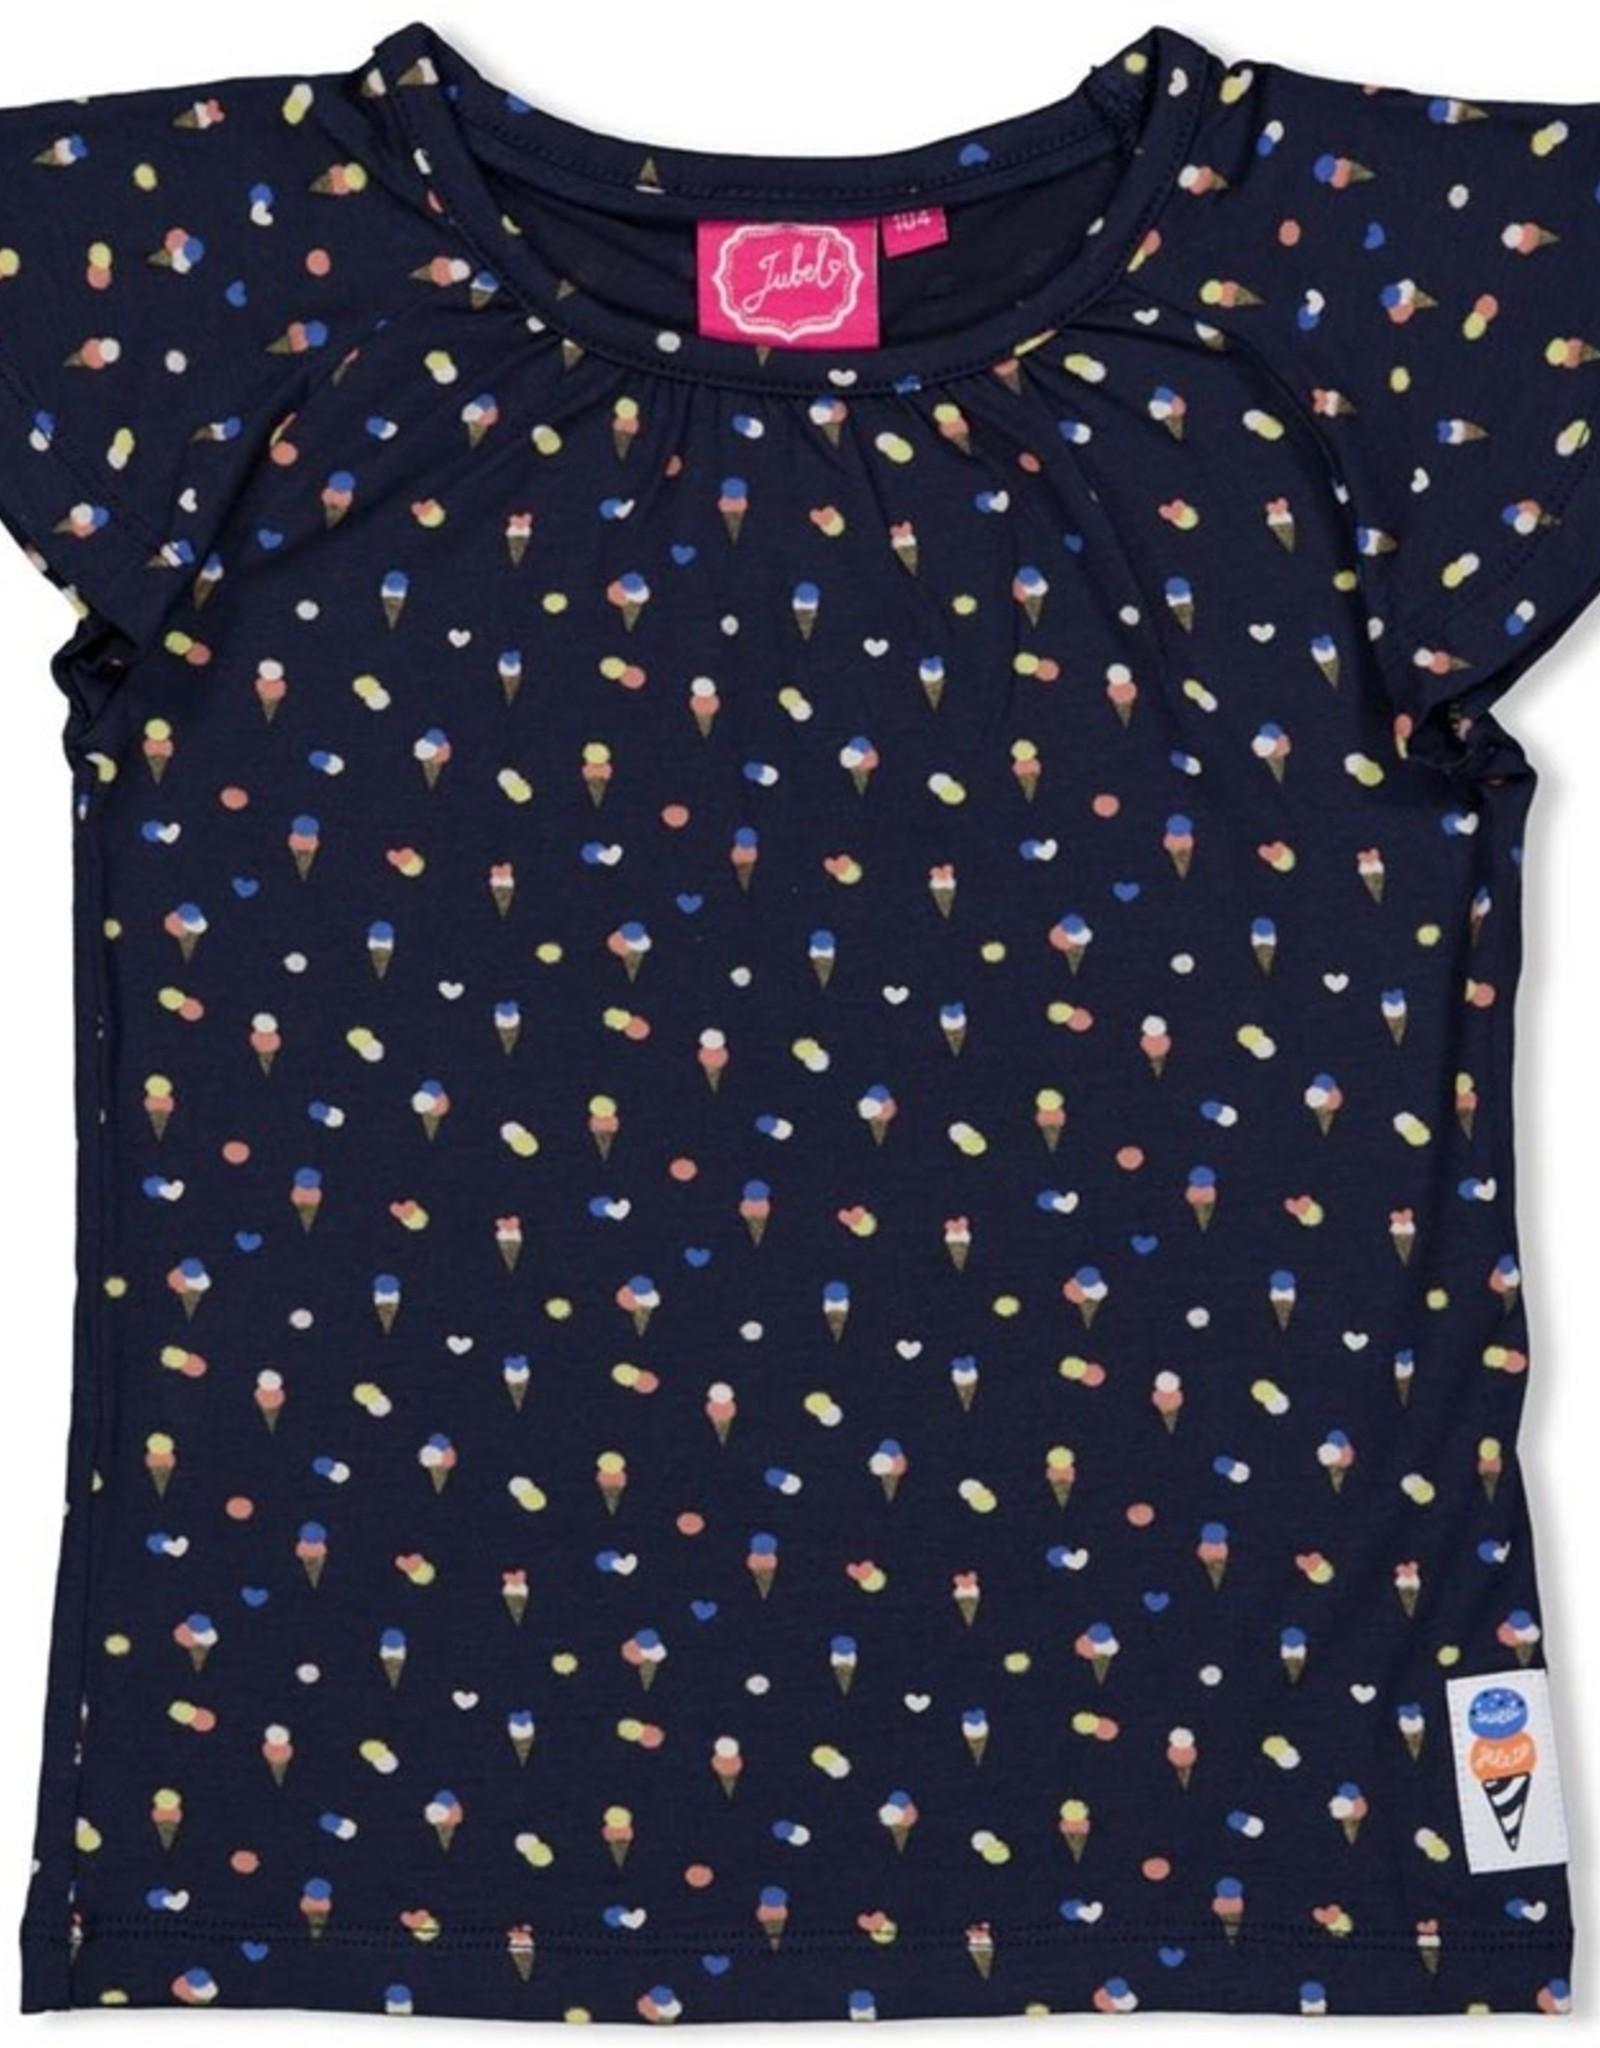 Jubel Jubel navy t-shirt met ijsjesprint